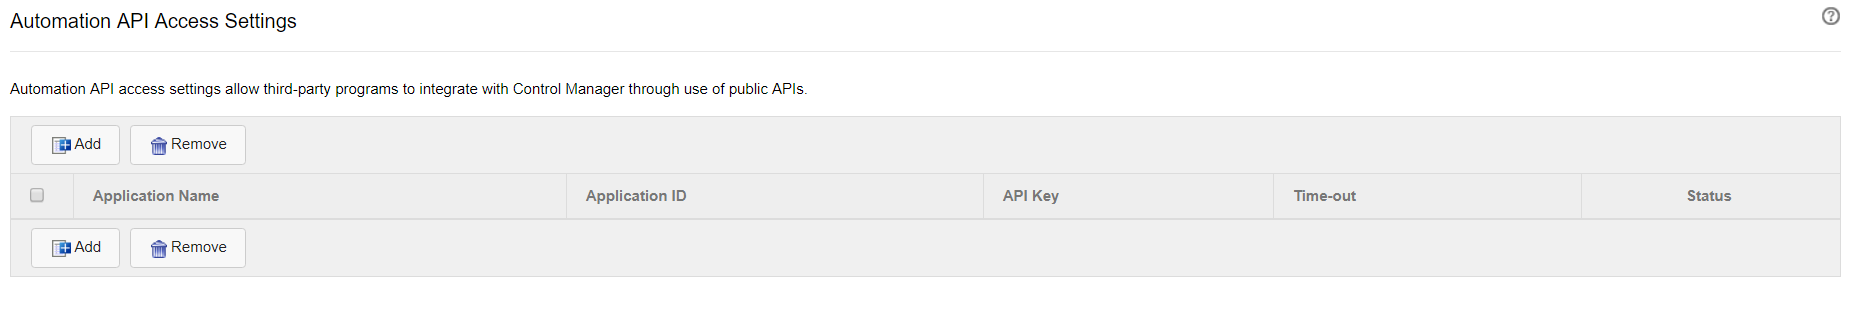 Automation API Access Settings